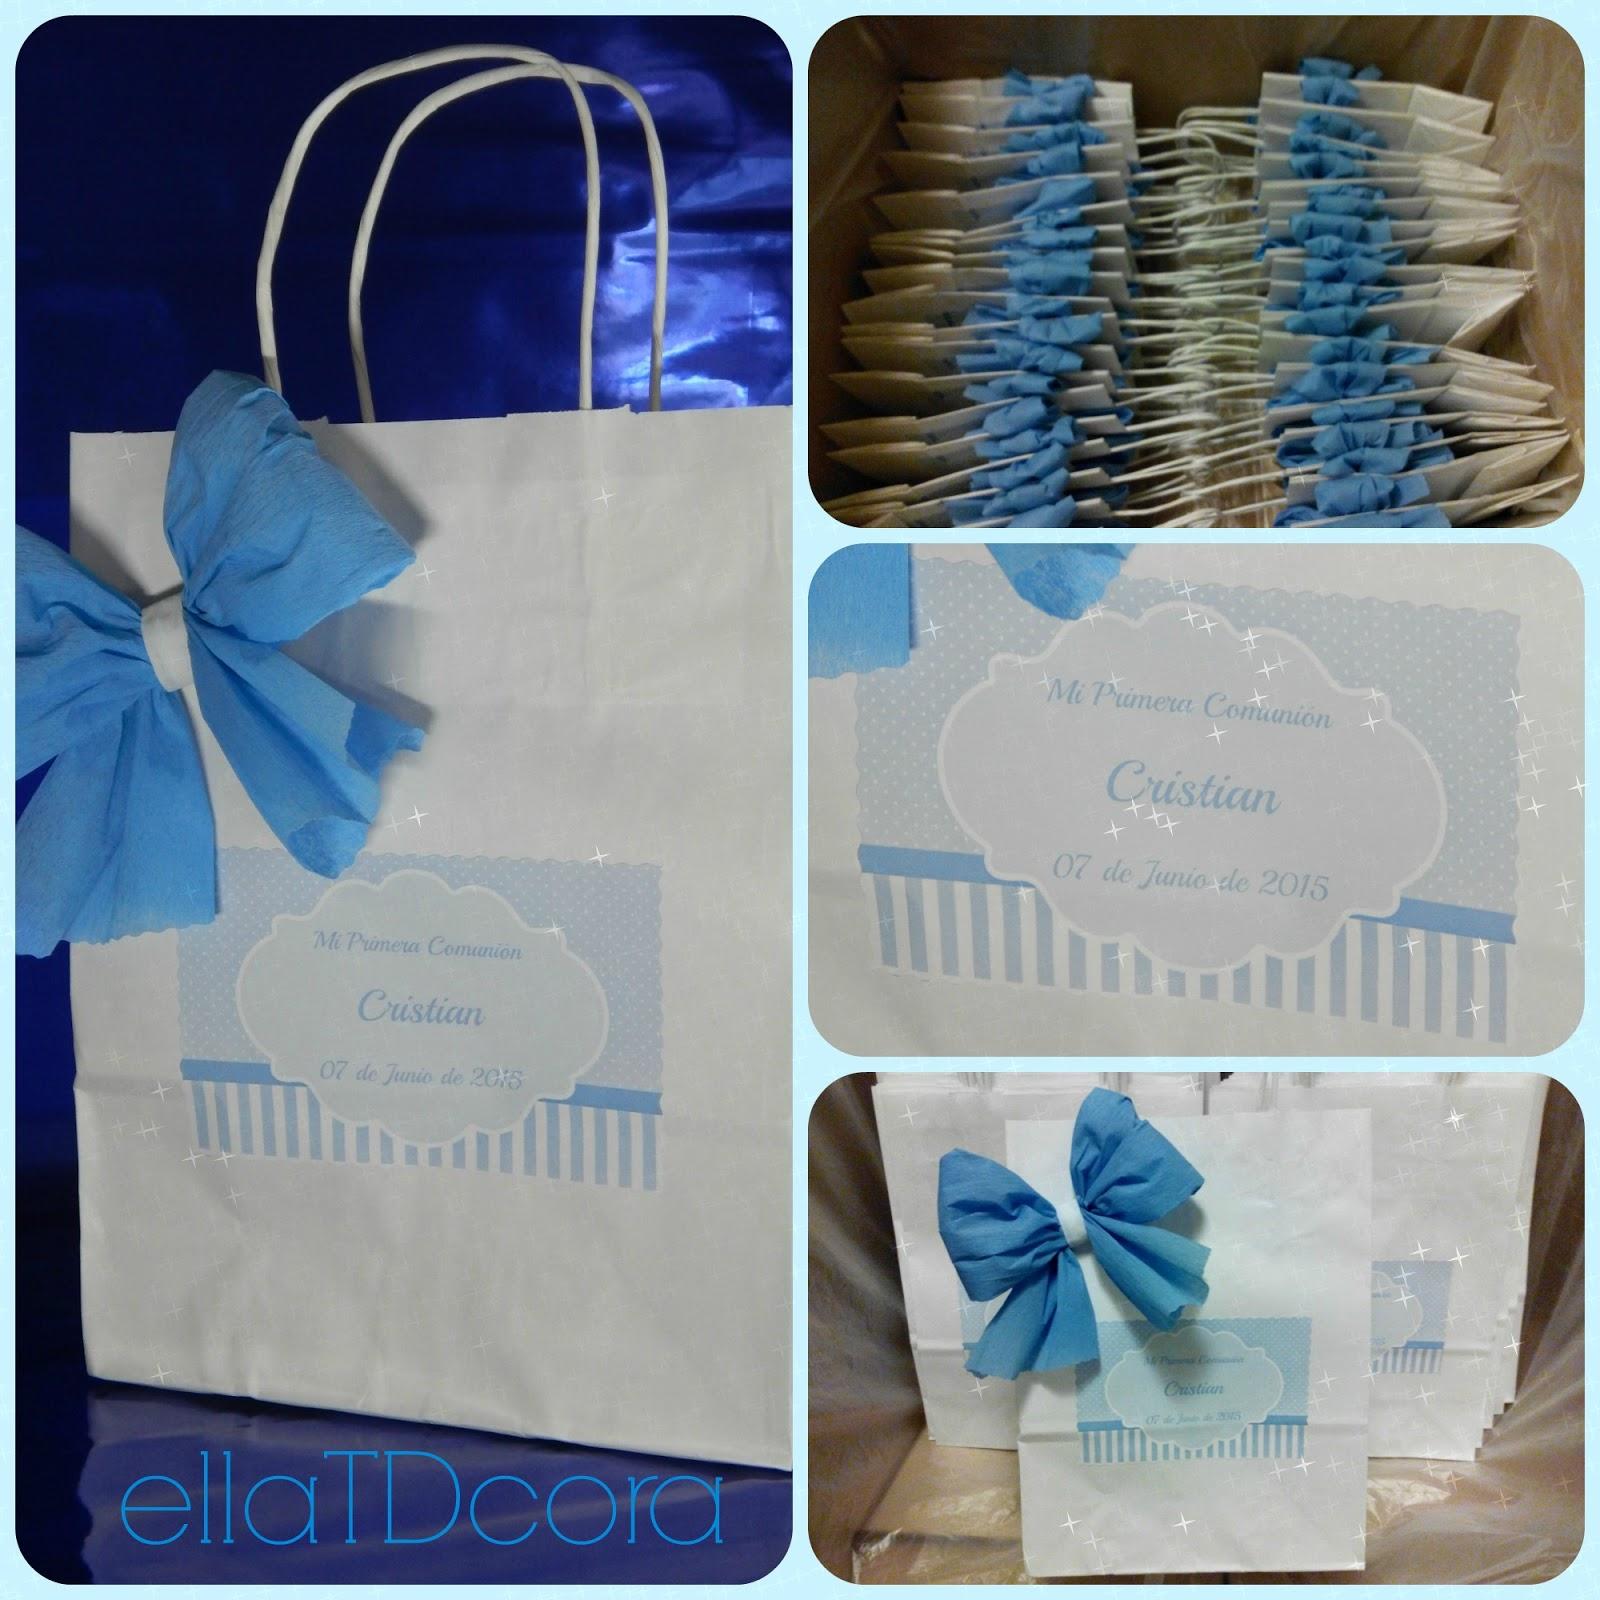 Ellatdcora creaci n bolsa de regalo de comunion - Bolsas de regalo personalizadas ...